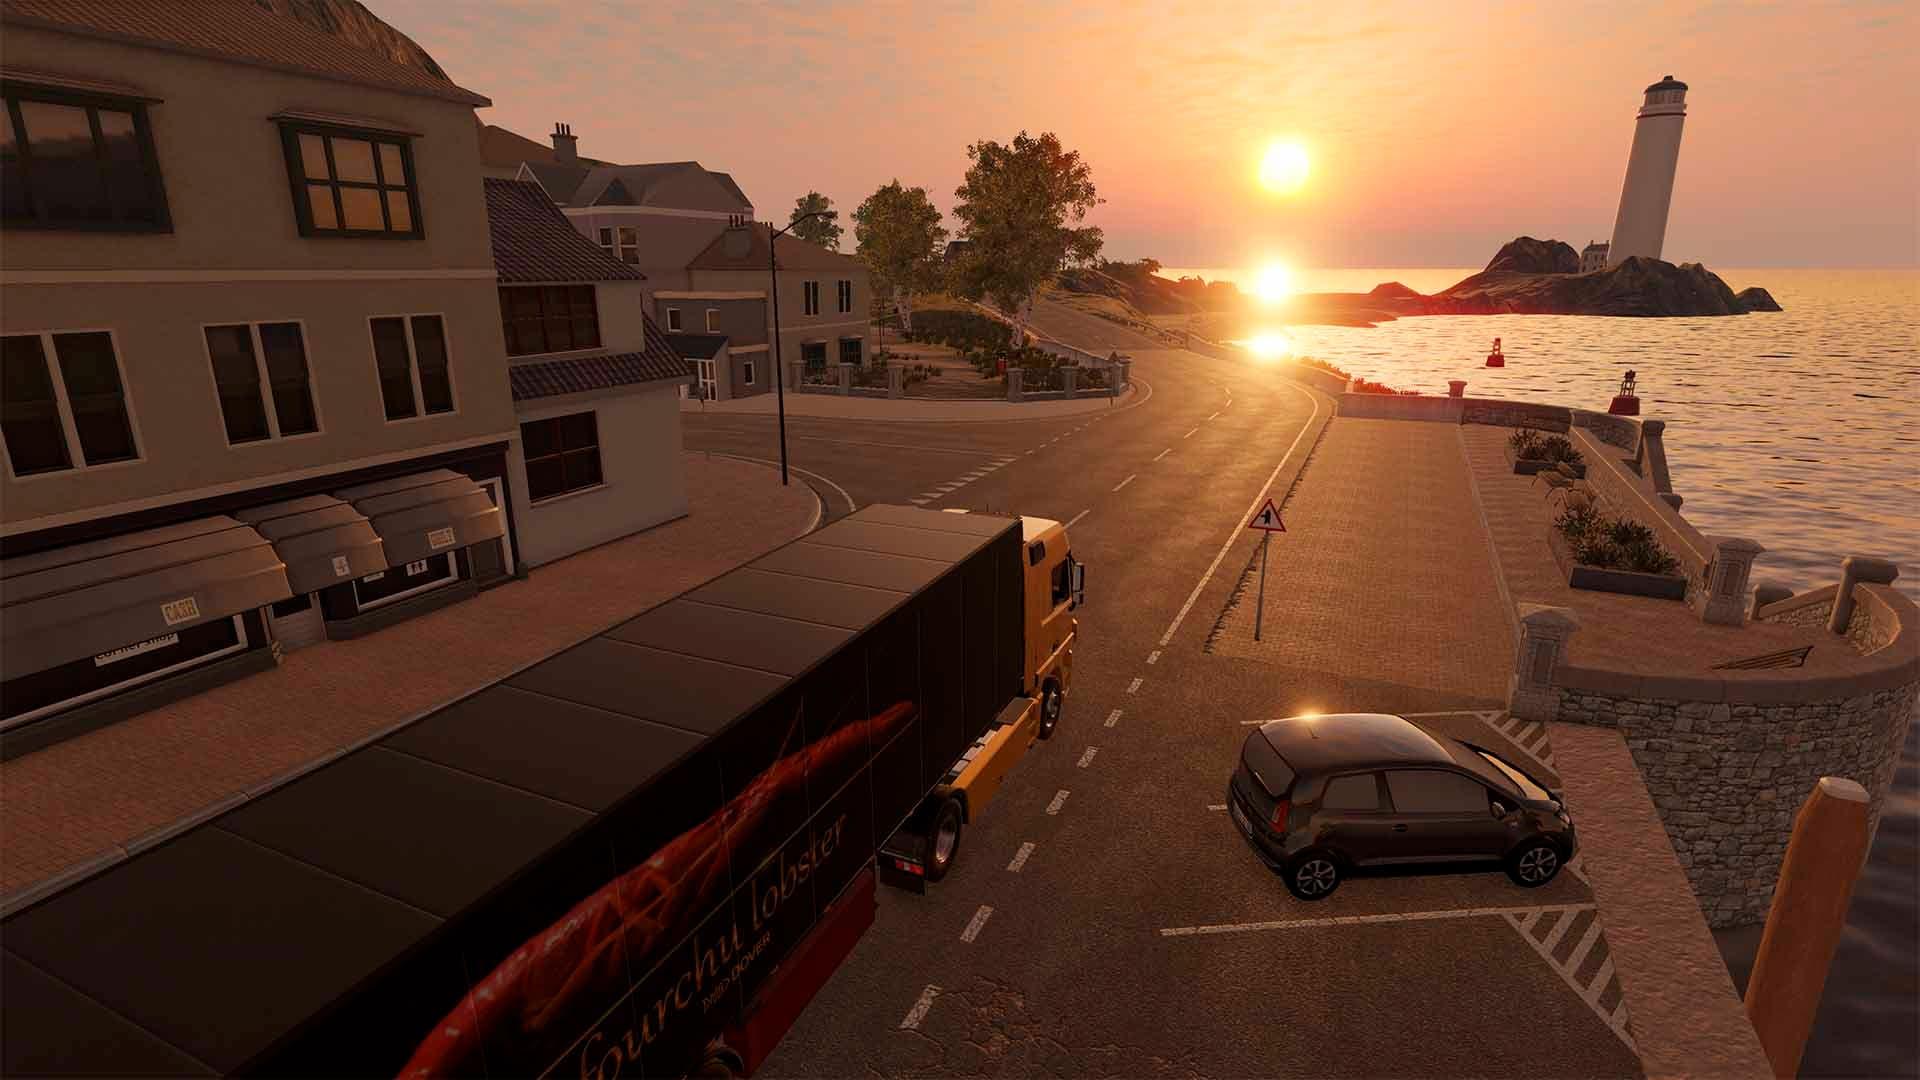 Los daños visuales son protagonistas del nuevo vídeo de Truck Driver 2